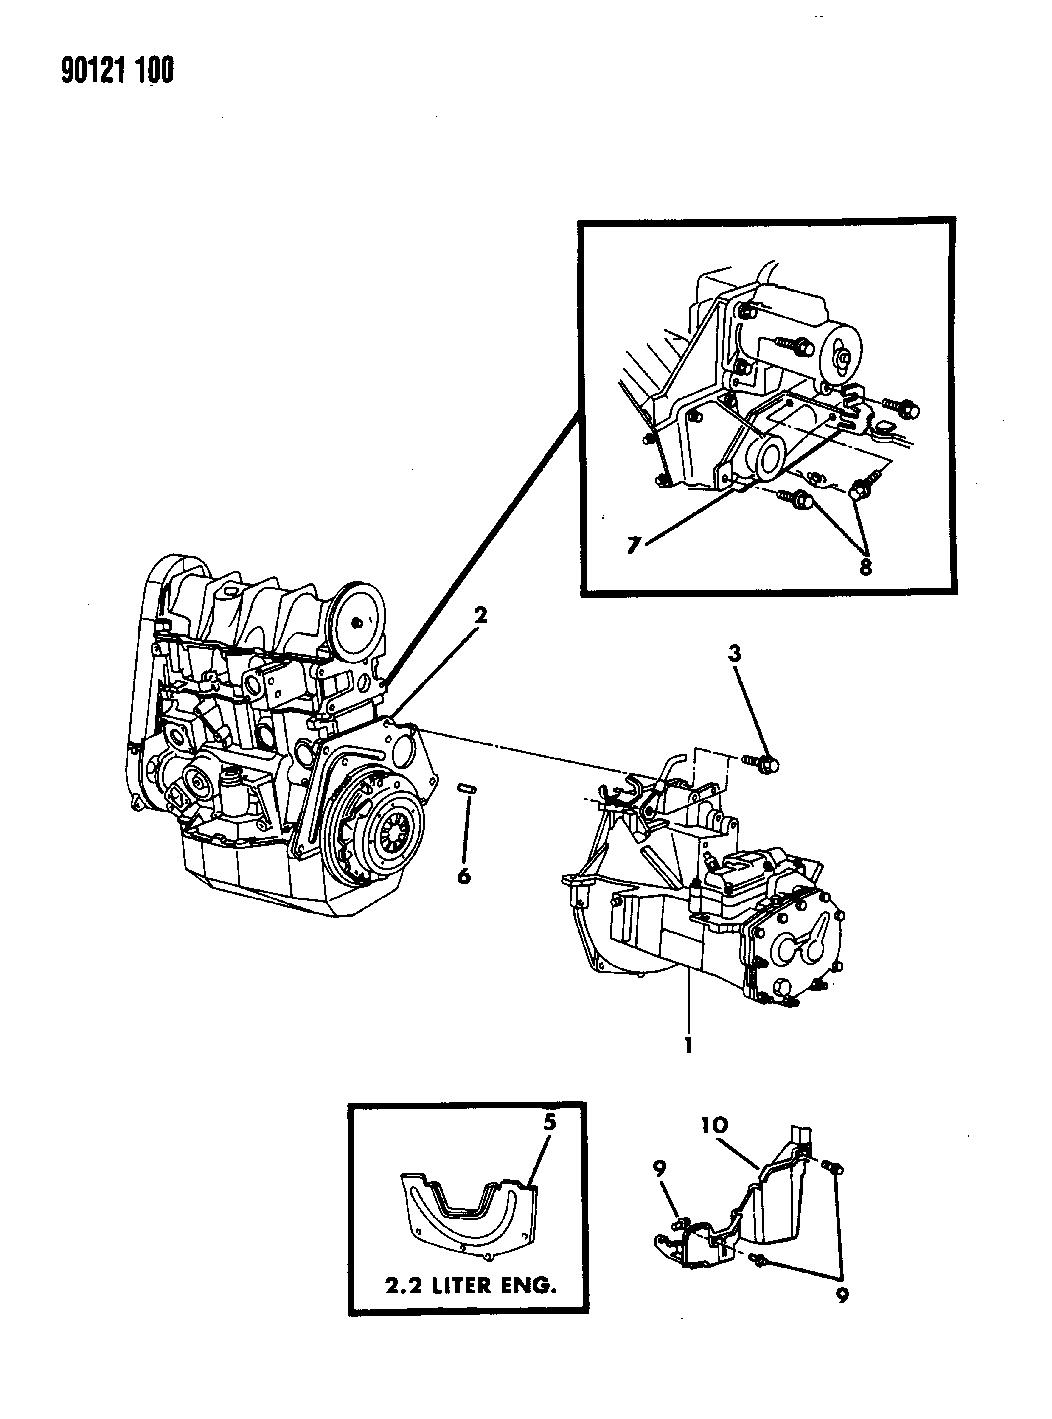 1990 Dodge Omni Transaxle Assemblies Mounting Of Manual Transmission 89 Wiring